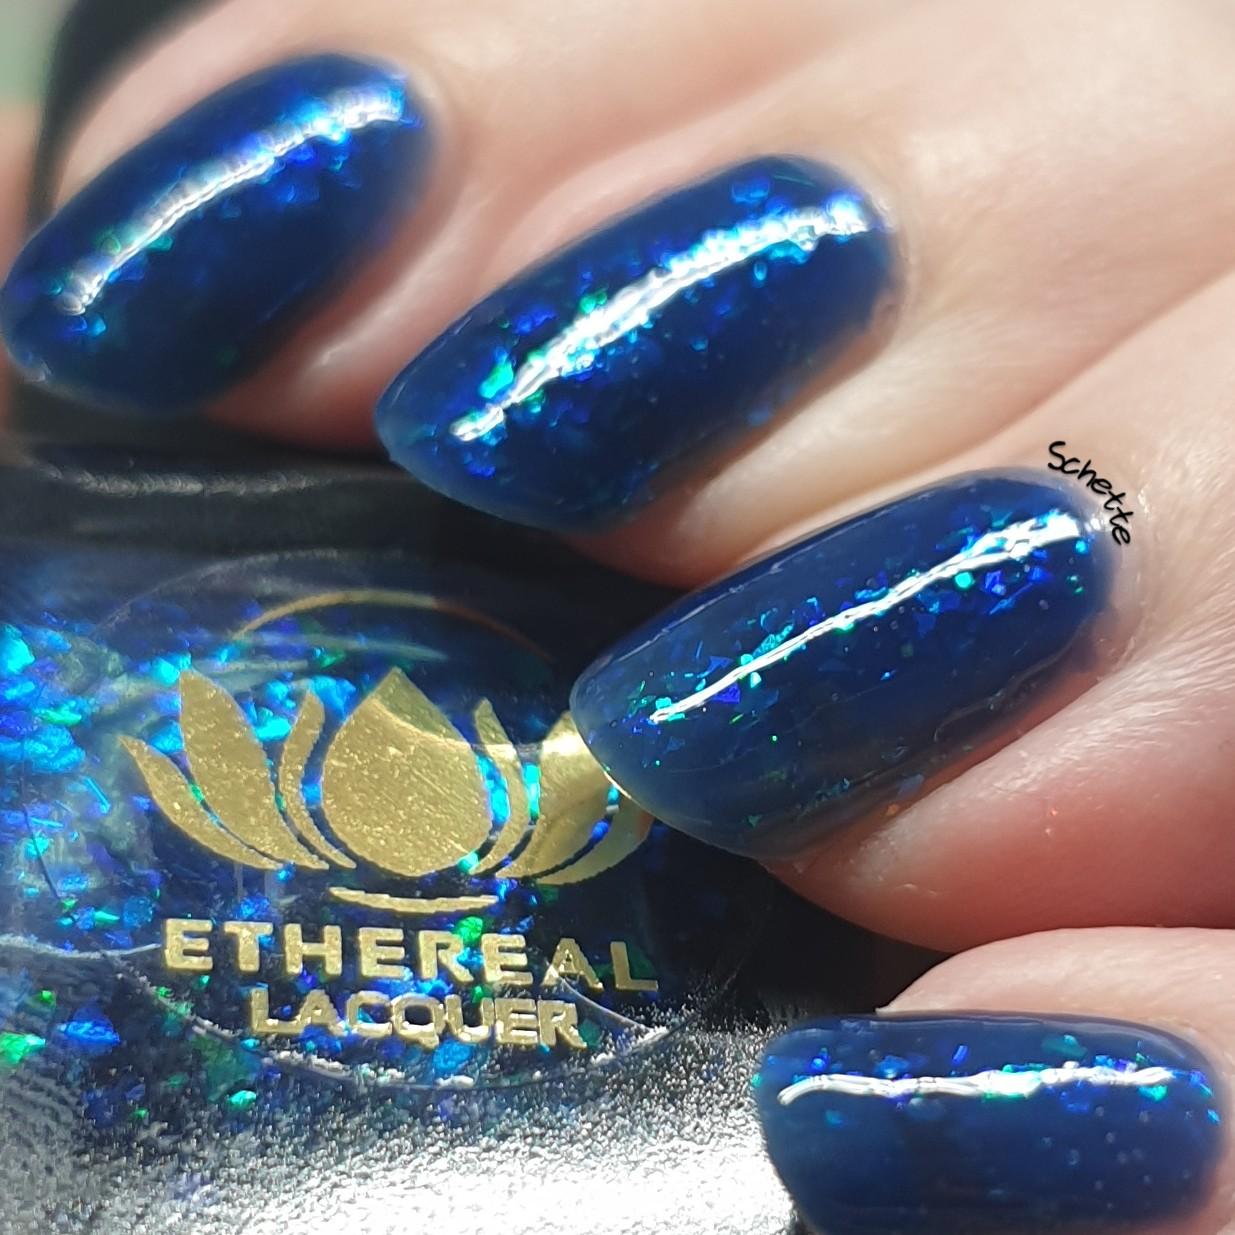 Ethereal Lacquer - Deep Bleu